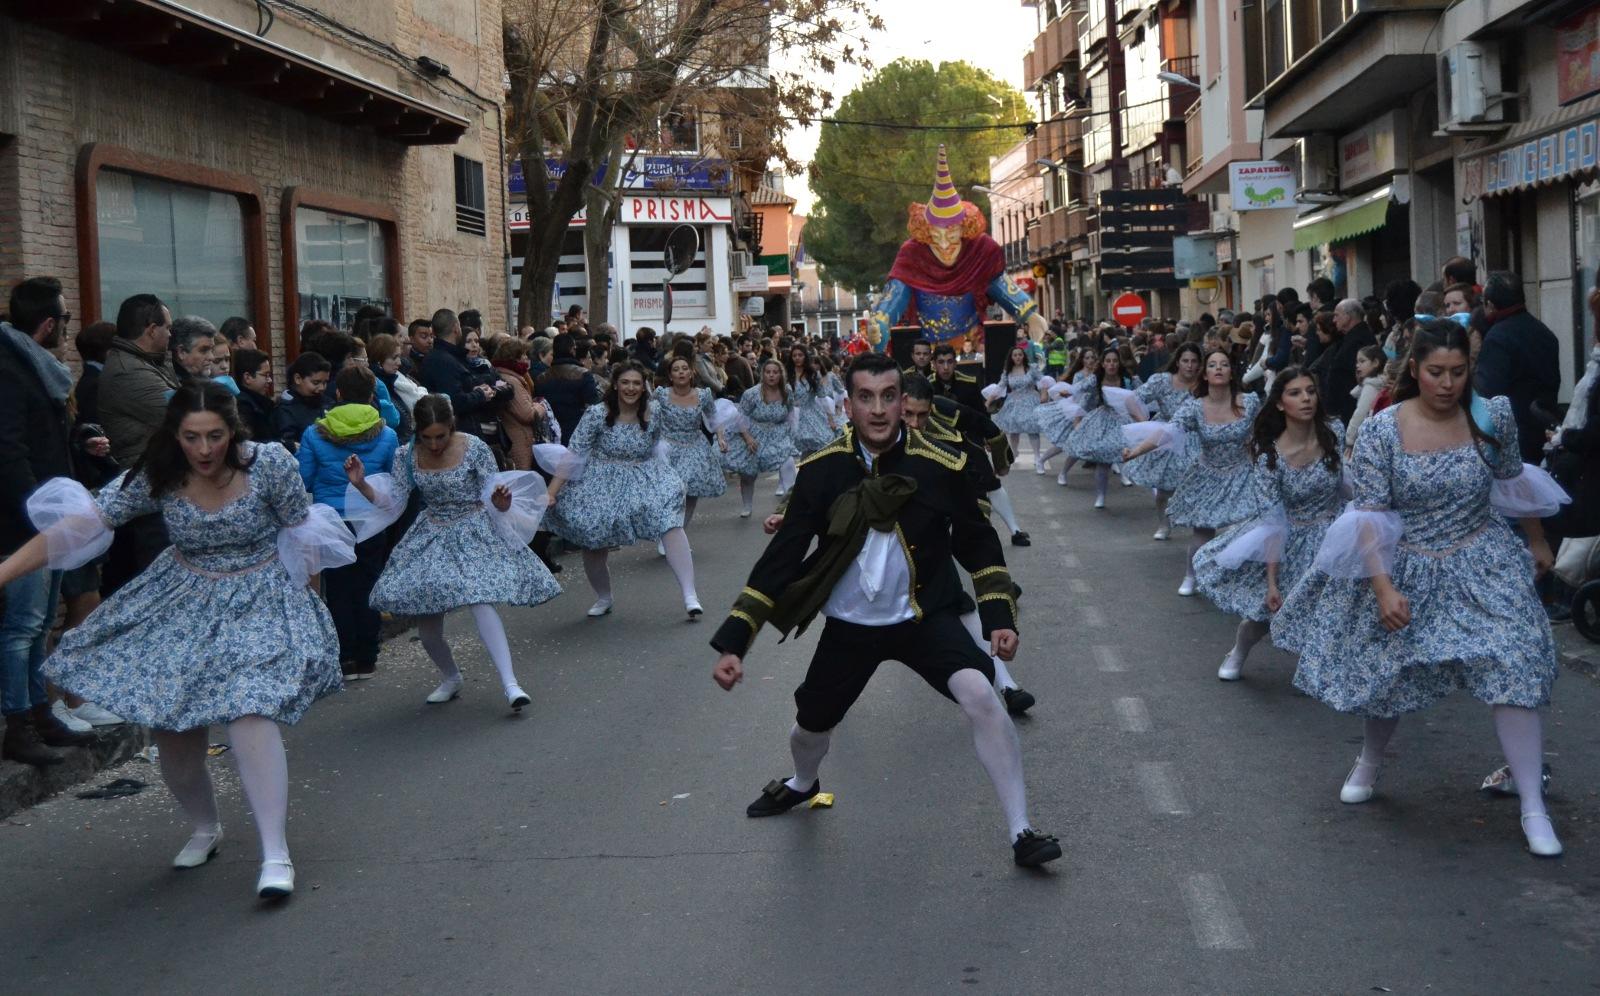 Música, bailes y color en el desfile de peñas, charangas y carrozas de Daimiel